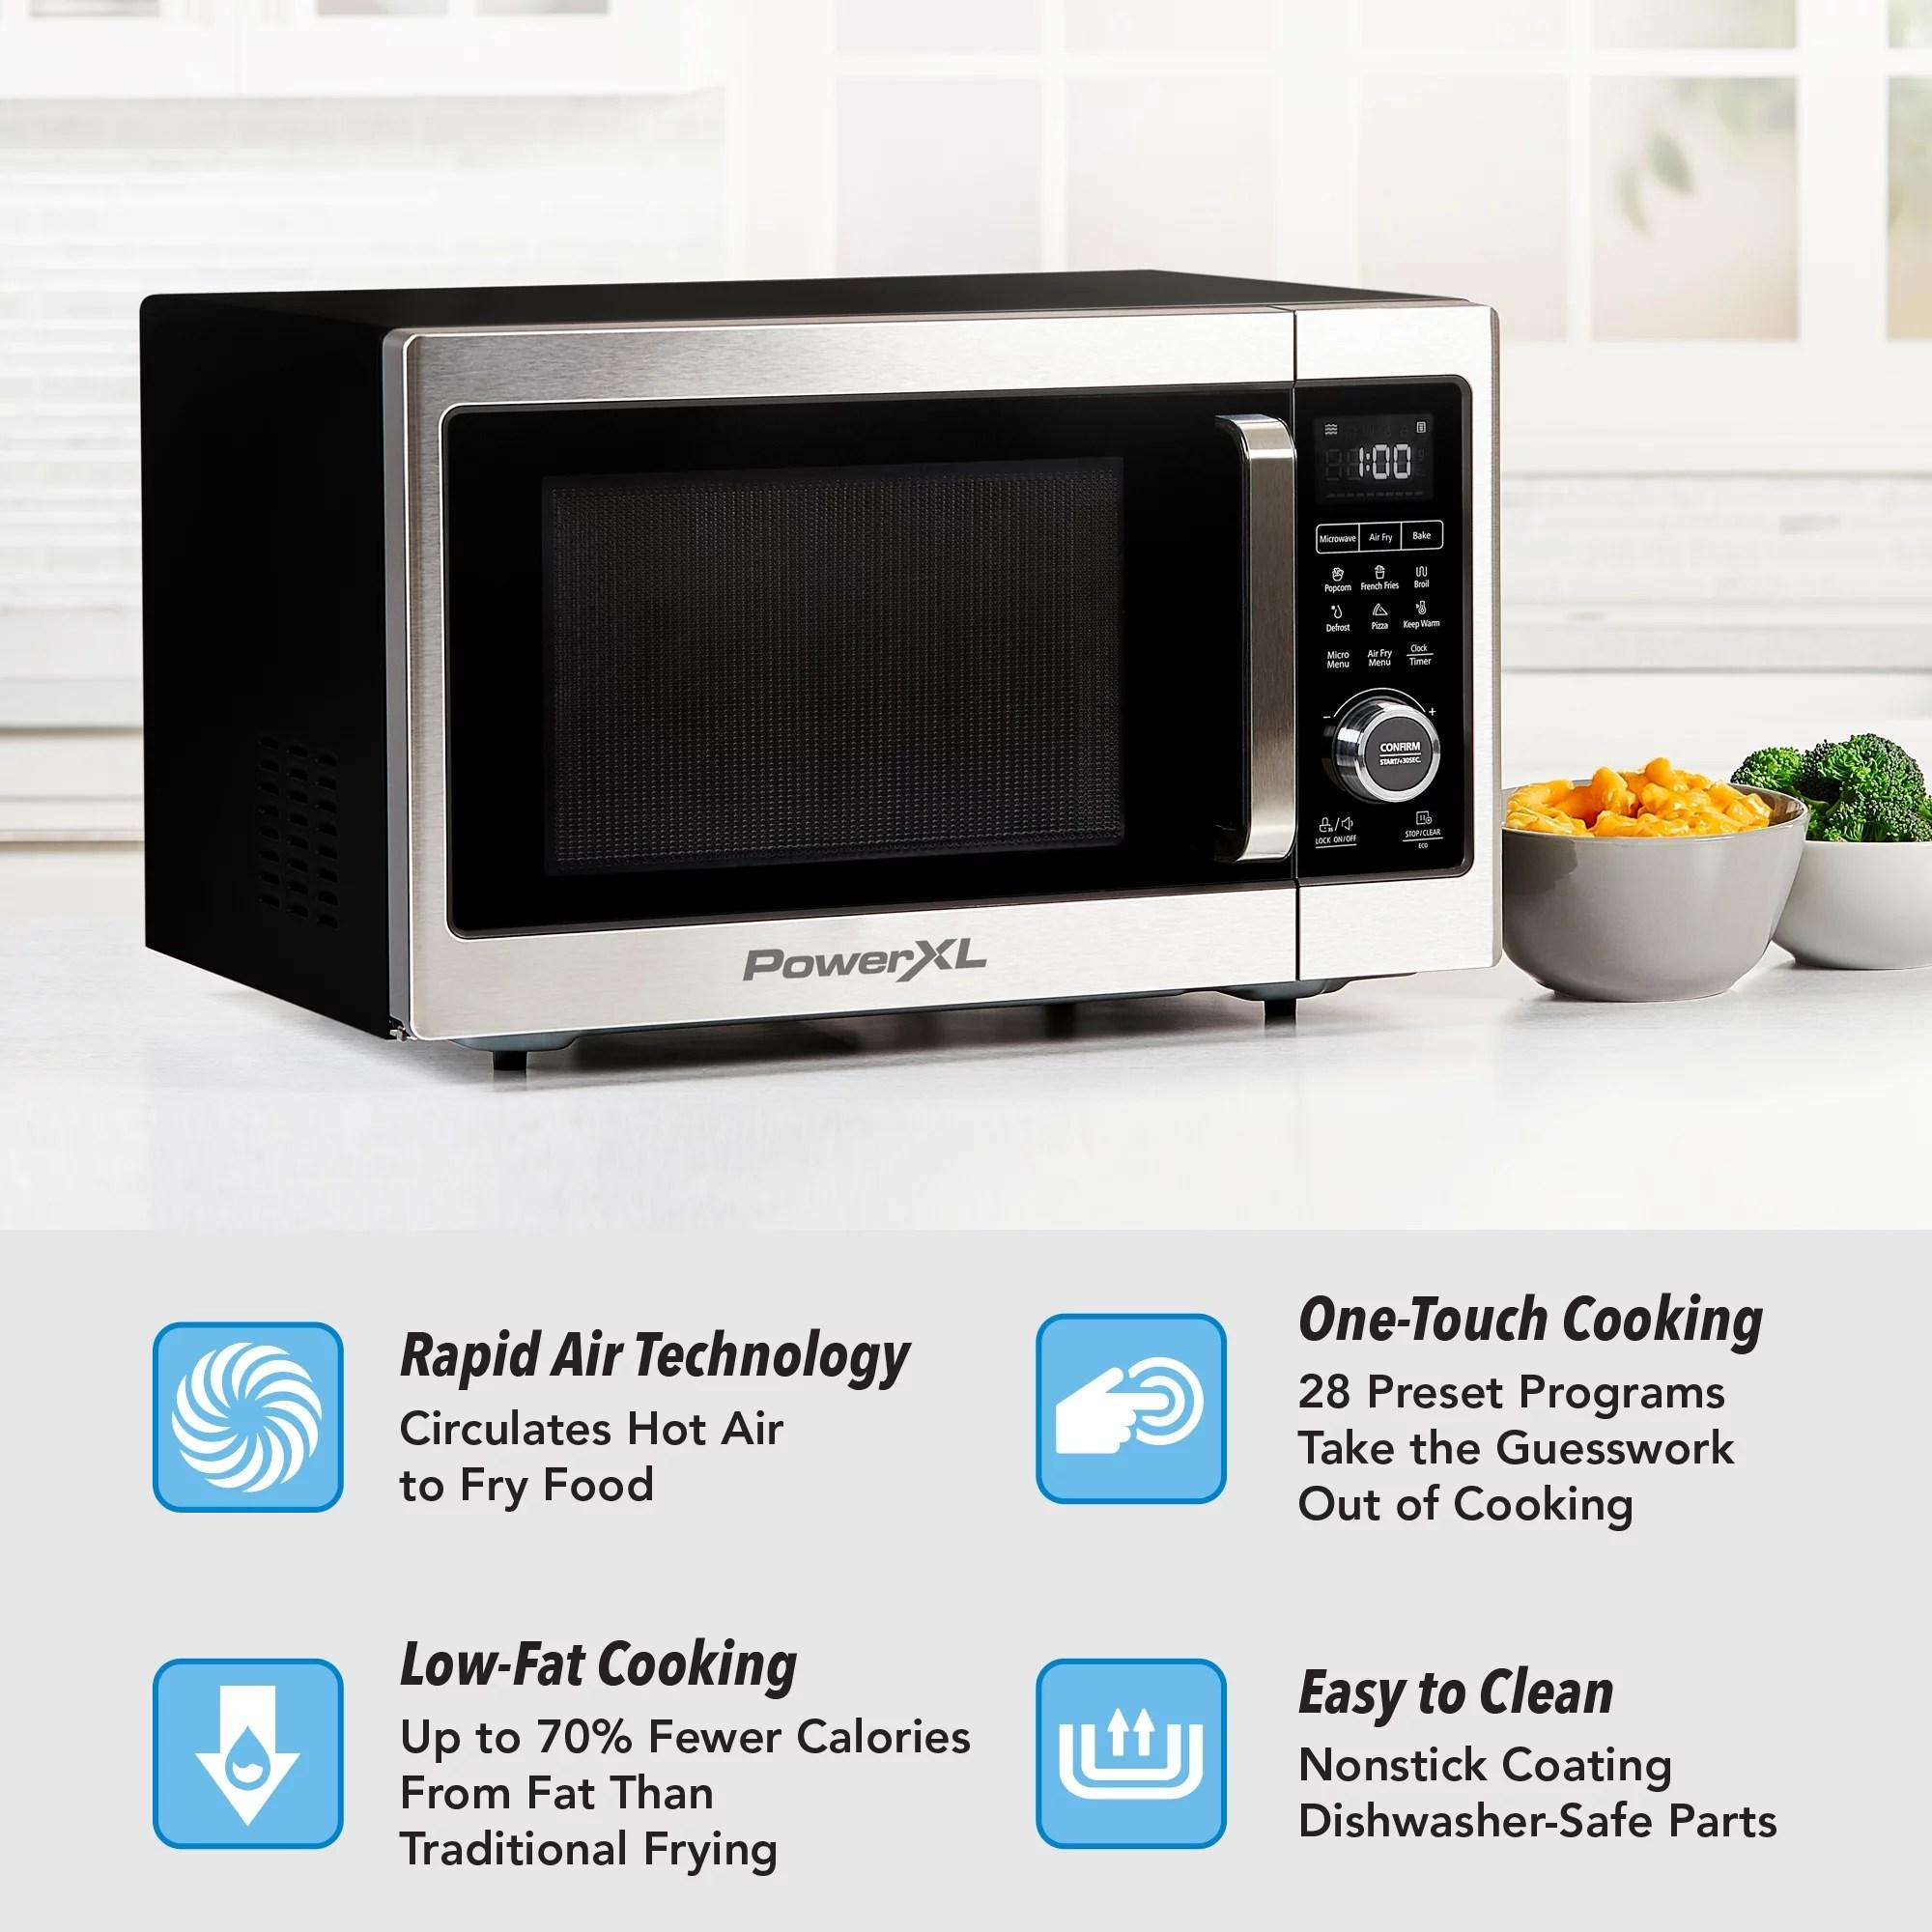 powerxl microwave air fryer plus